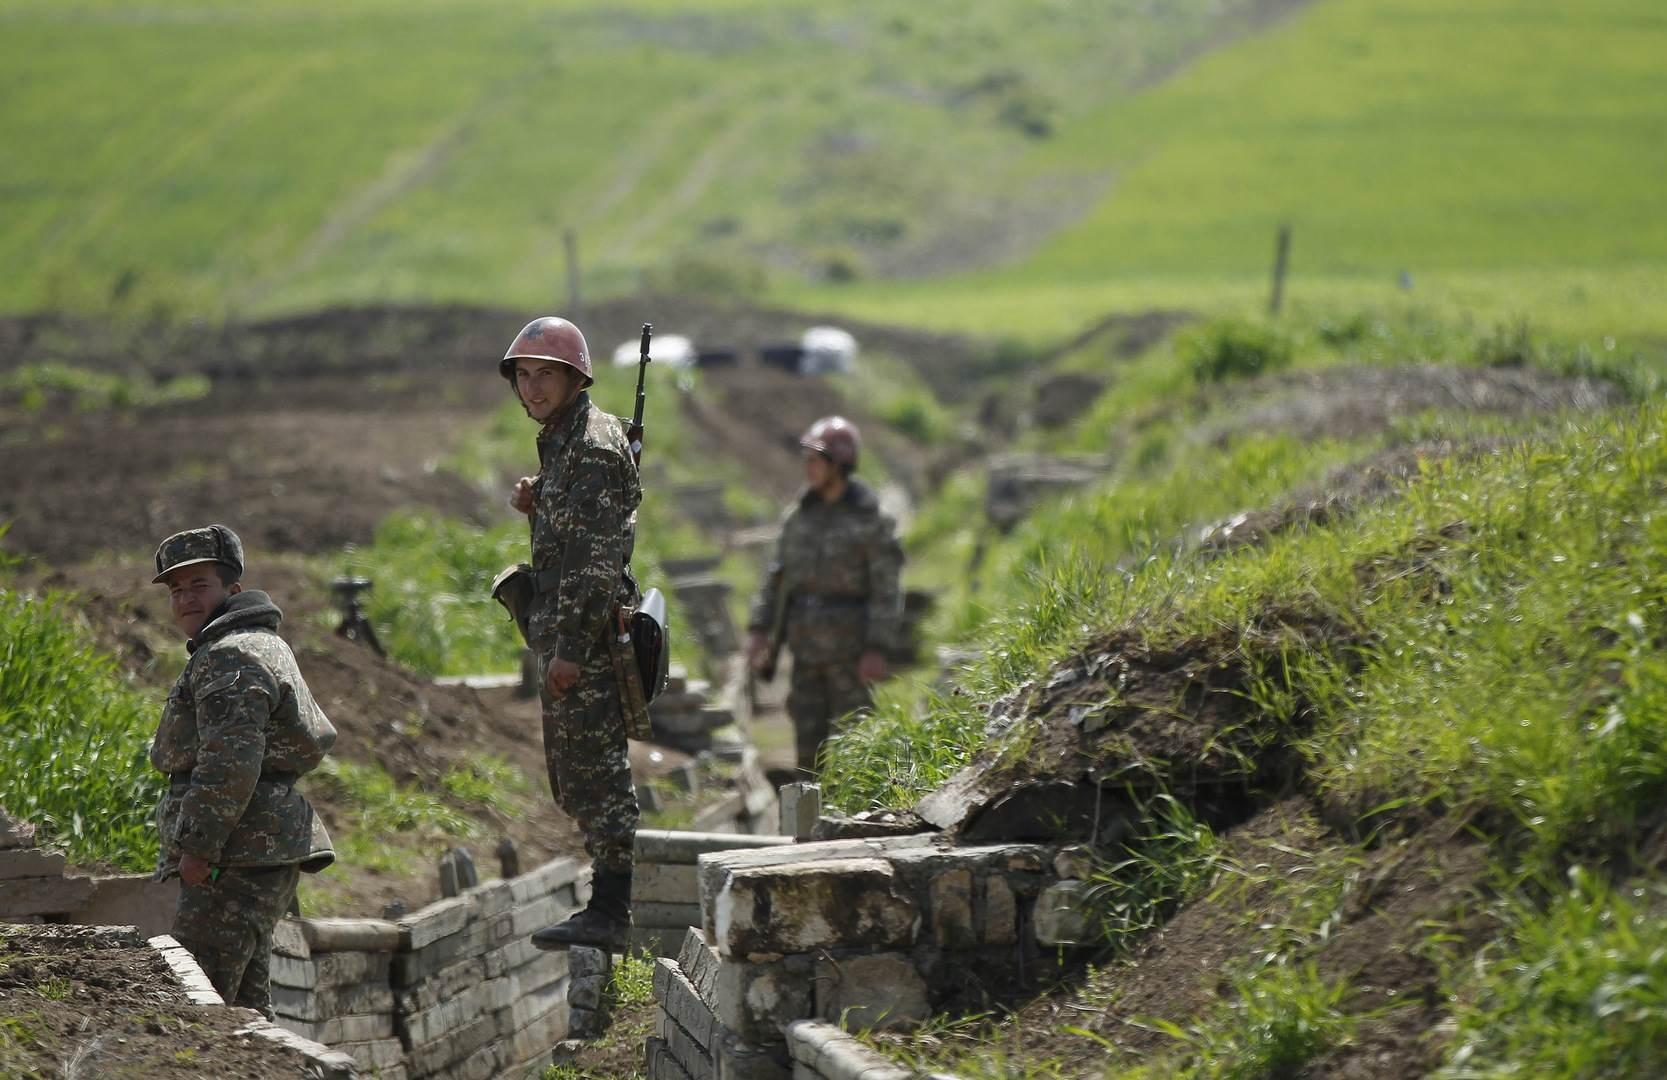 الدفاع الأرمينية: أذربيجان تواصل قصف عاصمة اقليم ناغورونو كاراباخ